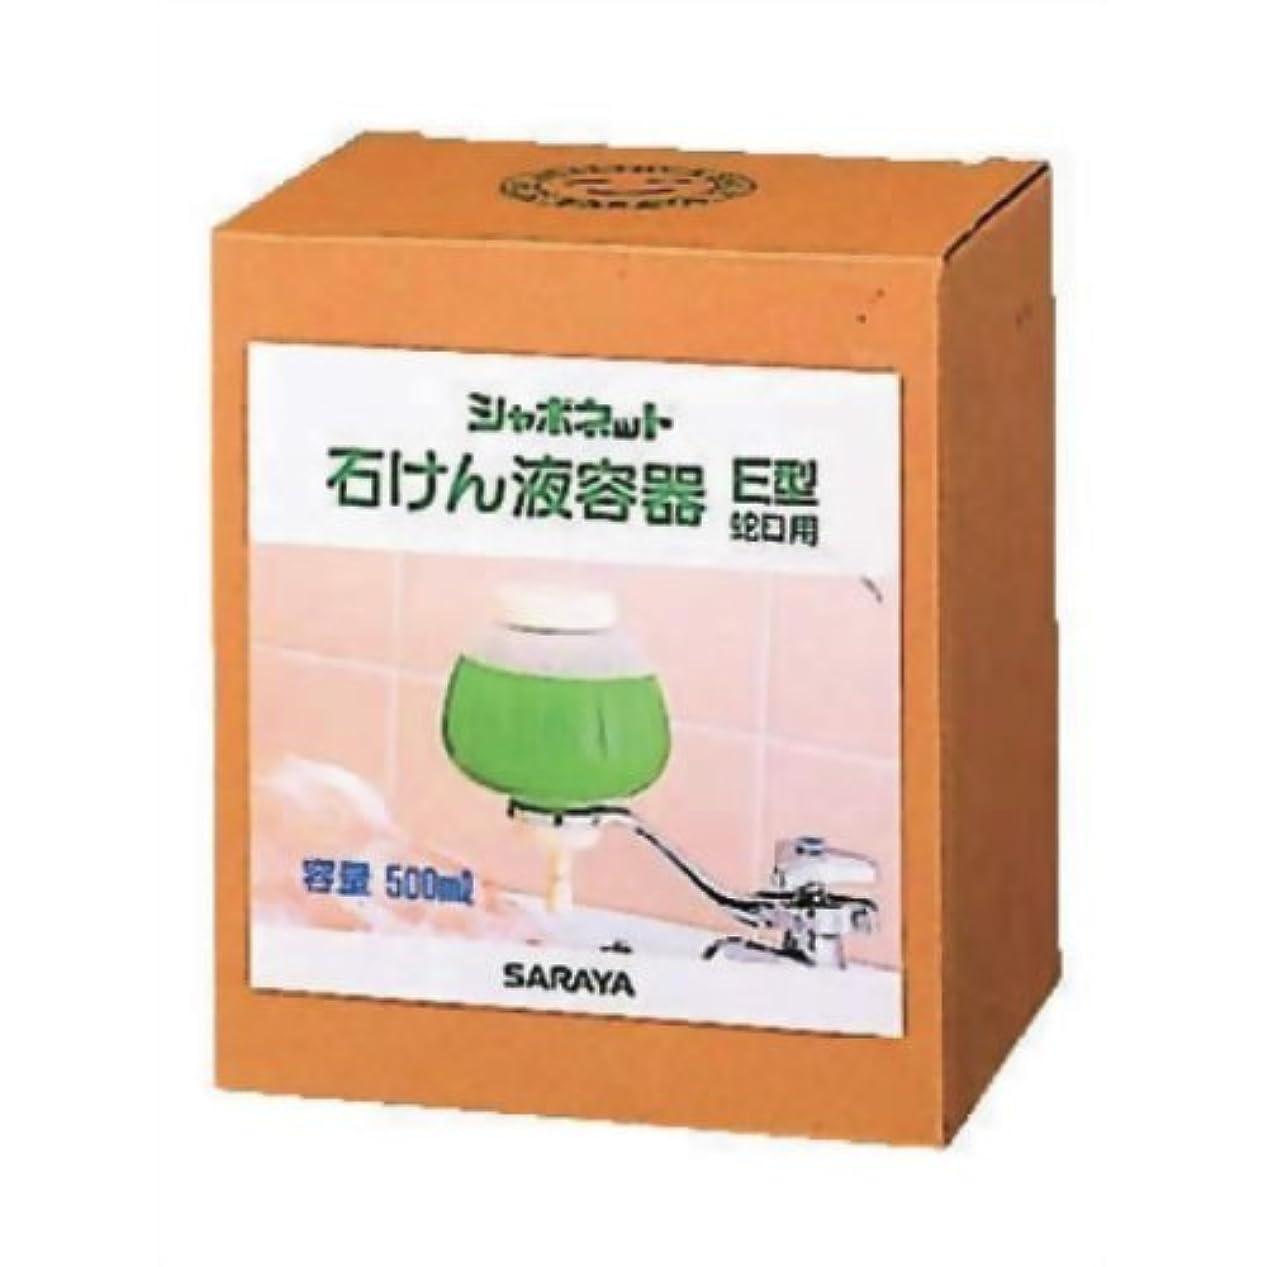 難民葉っぱ約シャボネット 石鹸液容器 E型蛇口用 500ml